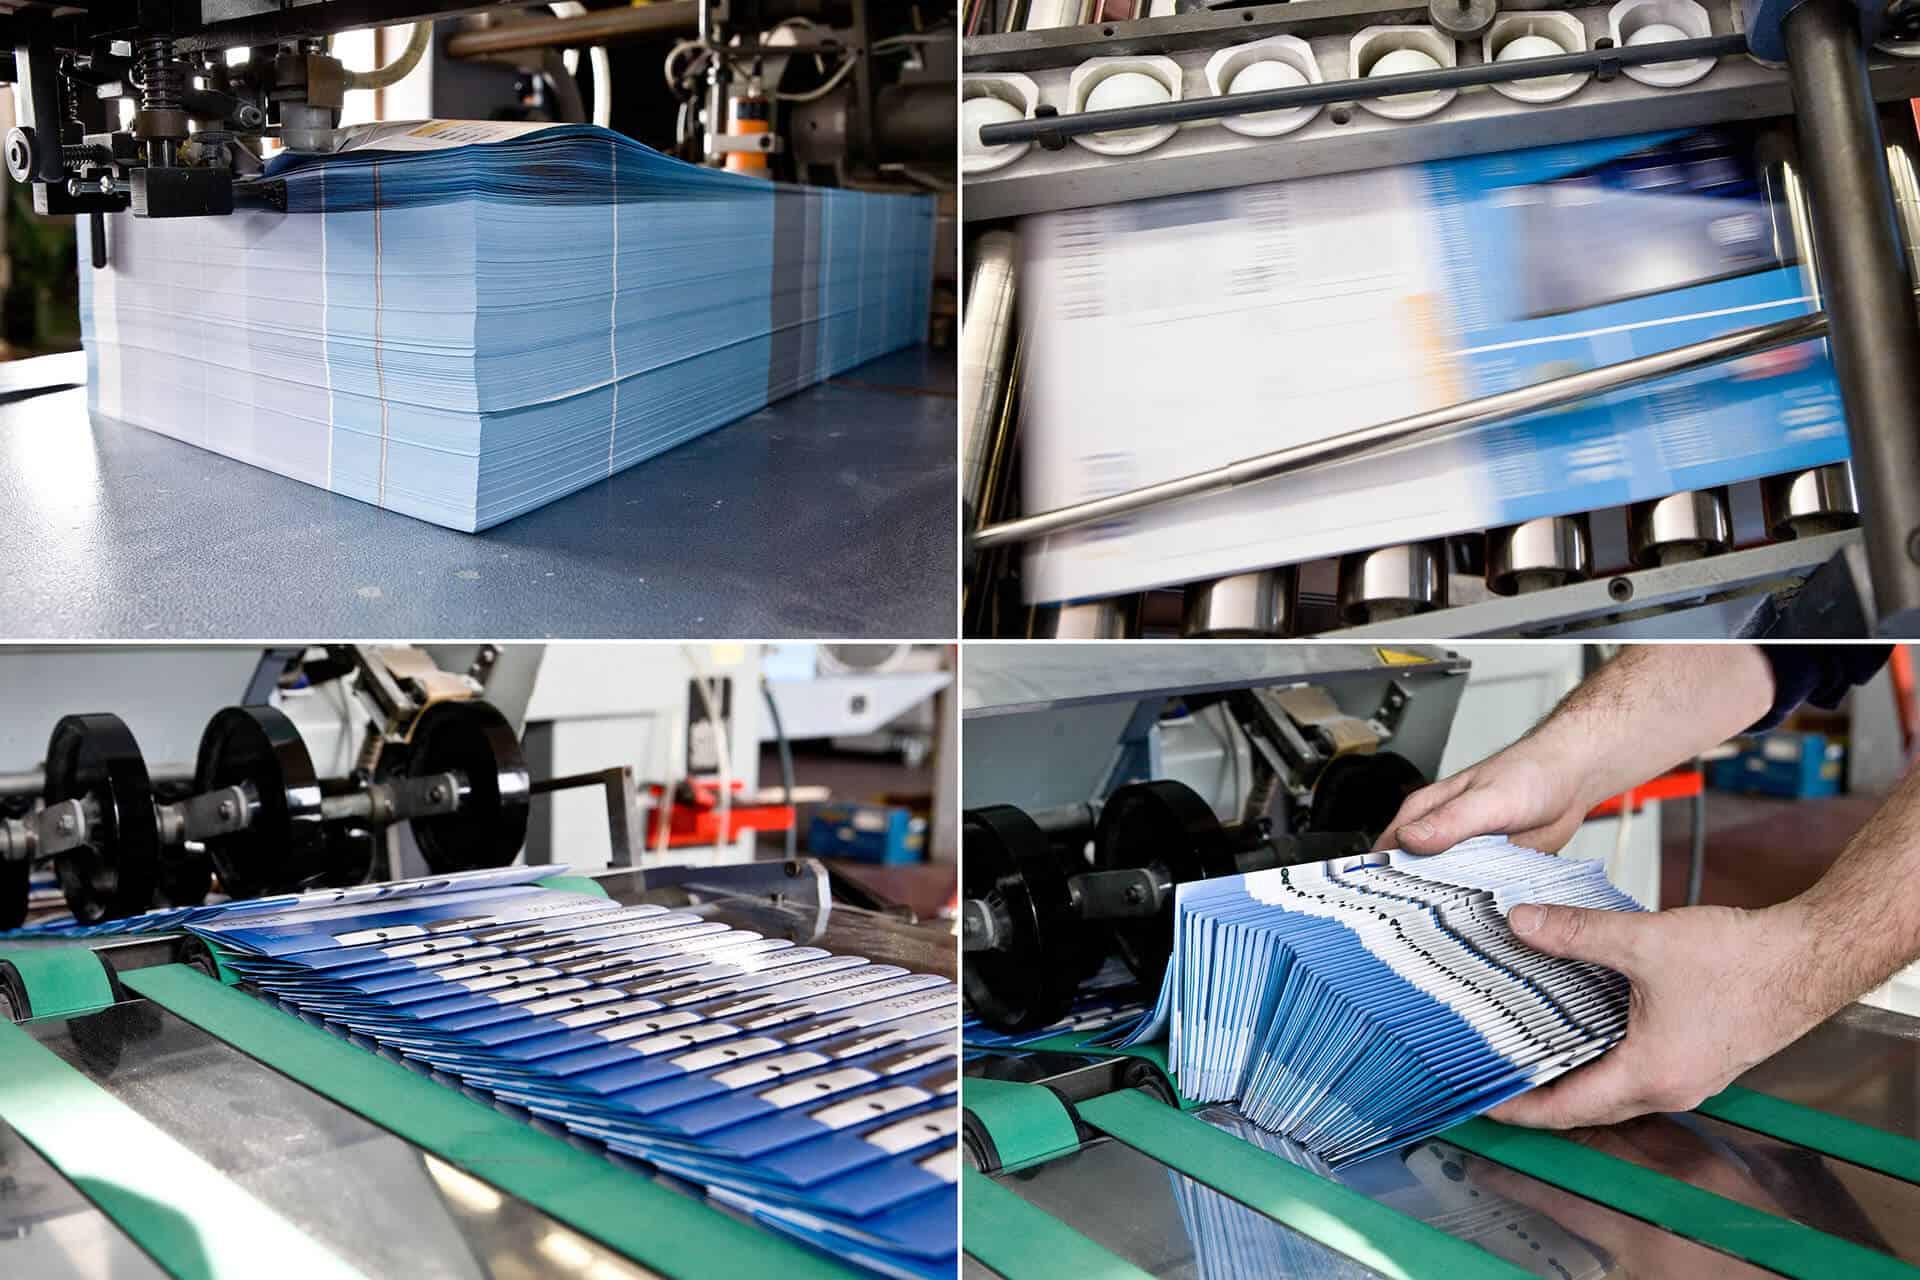 Druckproduktion von Printmedien